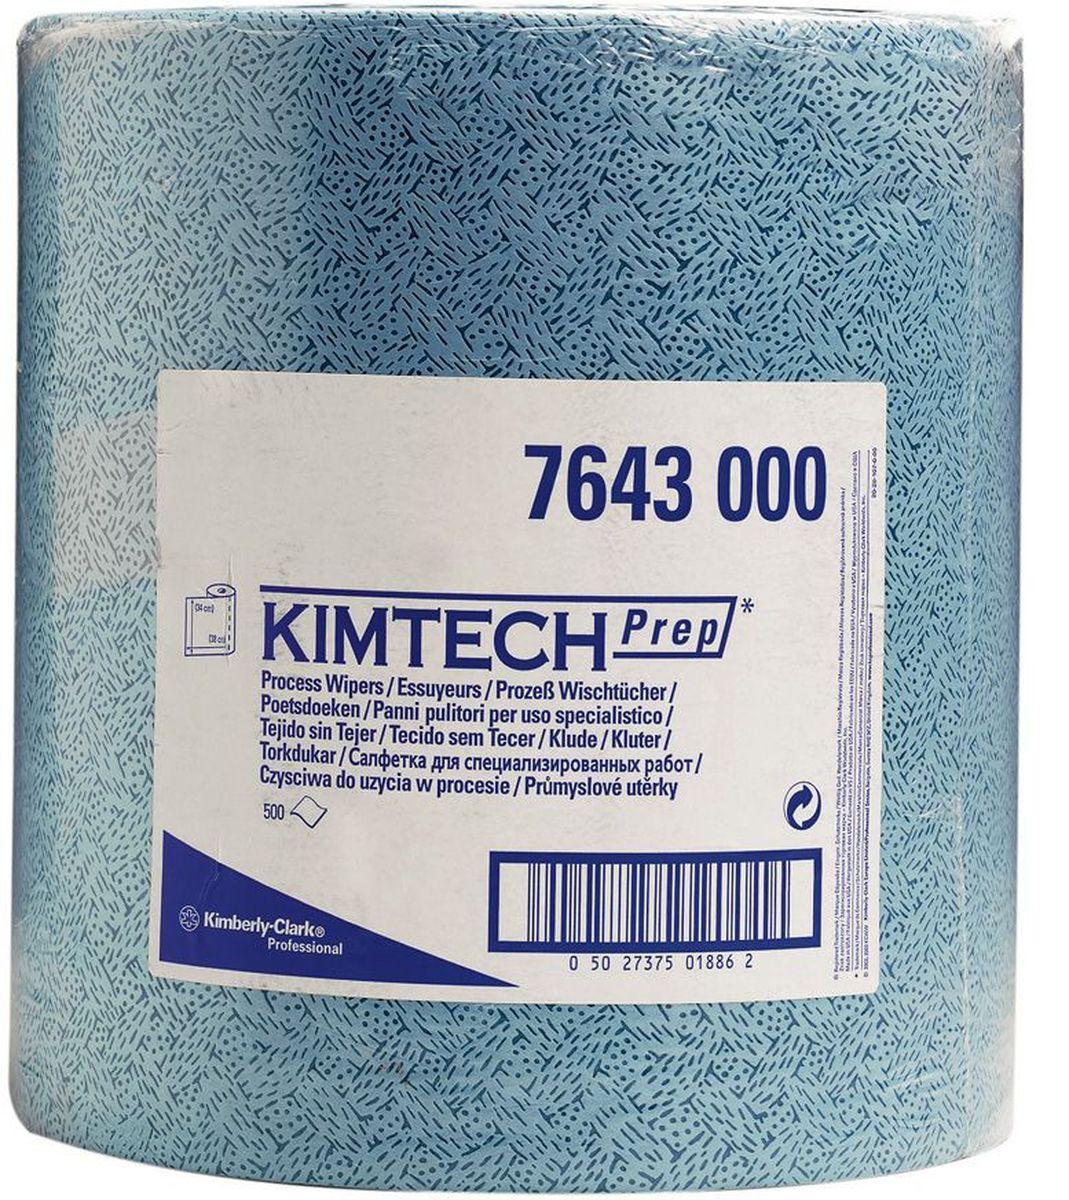 Салфетки Kimtech, 500 шт. 7643531-301Салфетки Kimtech, выполненные из полипропилена, предназначены для обезжиривания и подготовки поверхностей к дальнейшей обработки. Полипропилен - материал безворсовый, прочный, поэтому салфетки можно использовать с растворителями. Они прекрасно впитывают большое количество любой жидкости и подходят для применения в чистых помещениях. класса C-D (ISO 7-8).